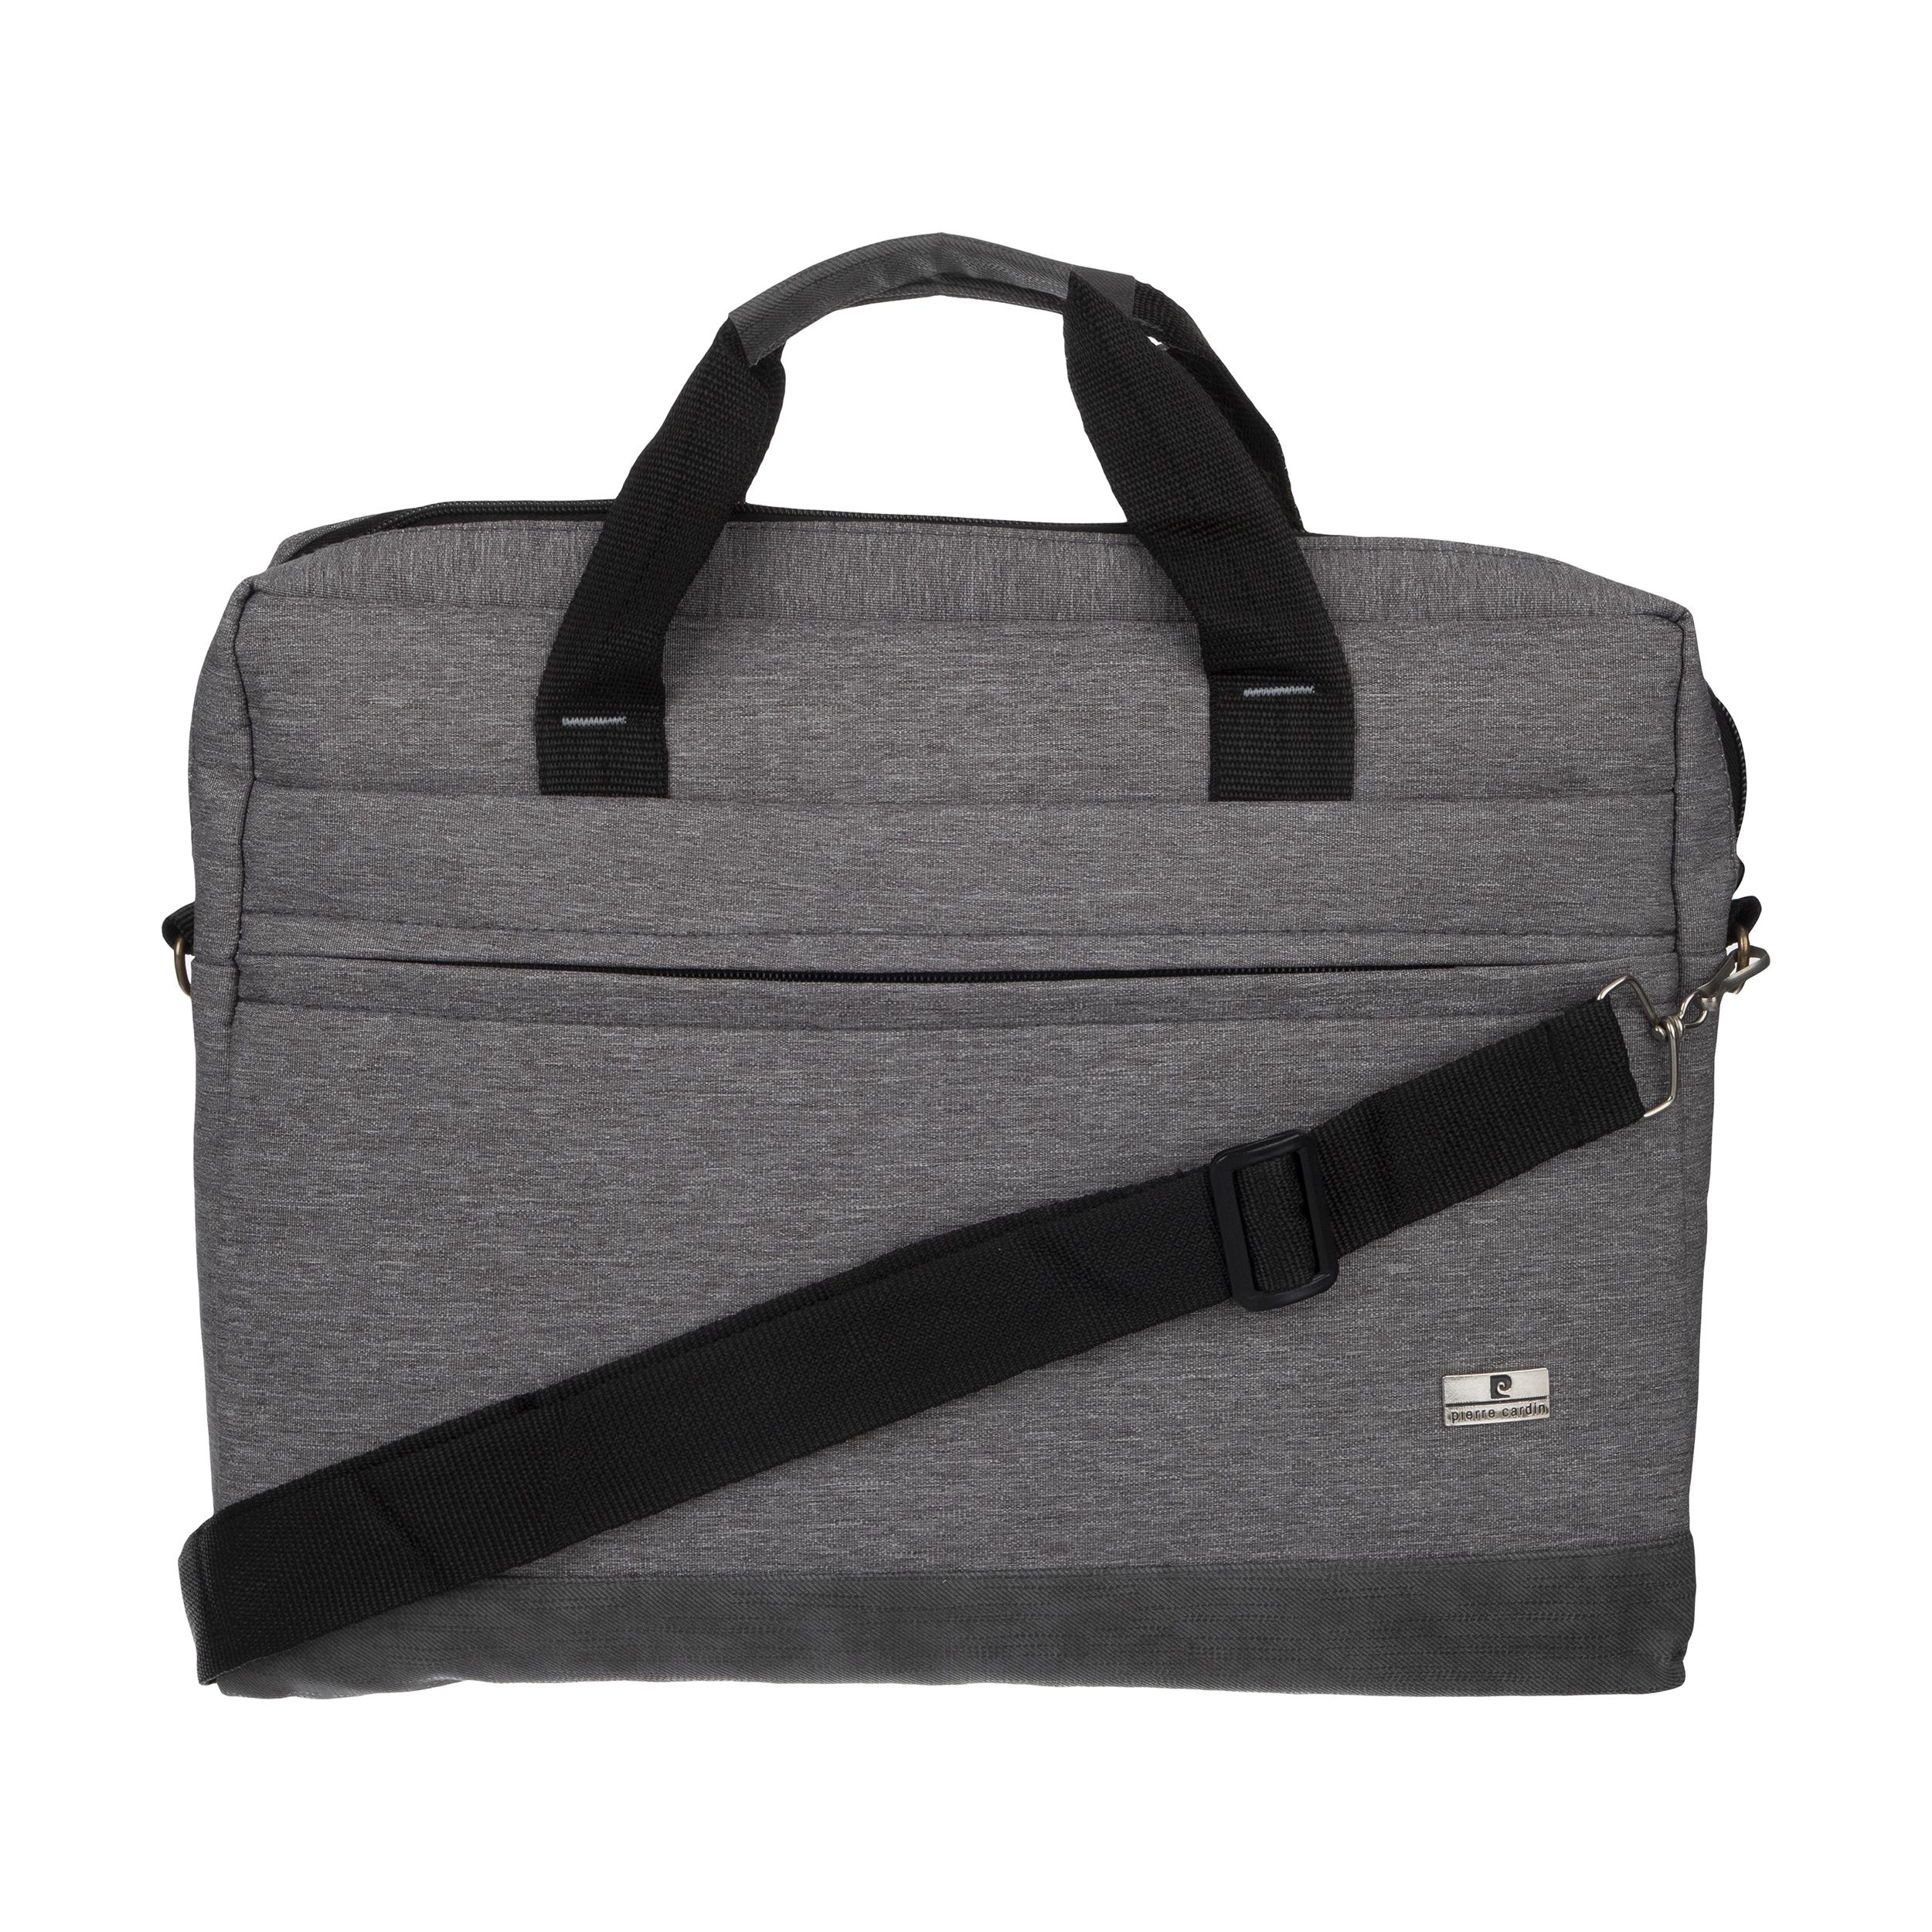 کیف لپ تاپ مدل LB07 مناسب برای لپ تاپ 15.6 اینچی